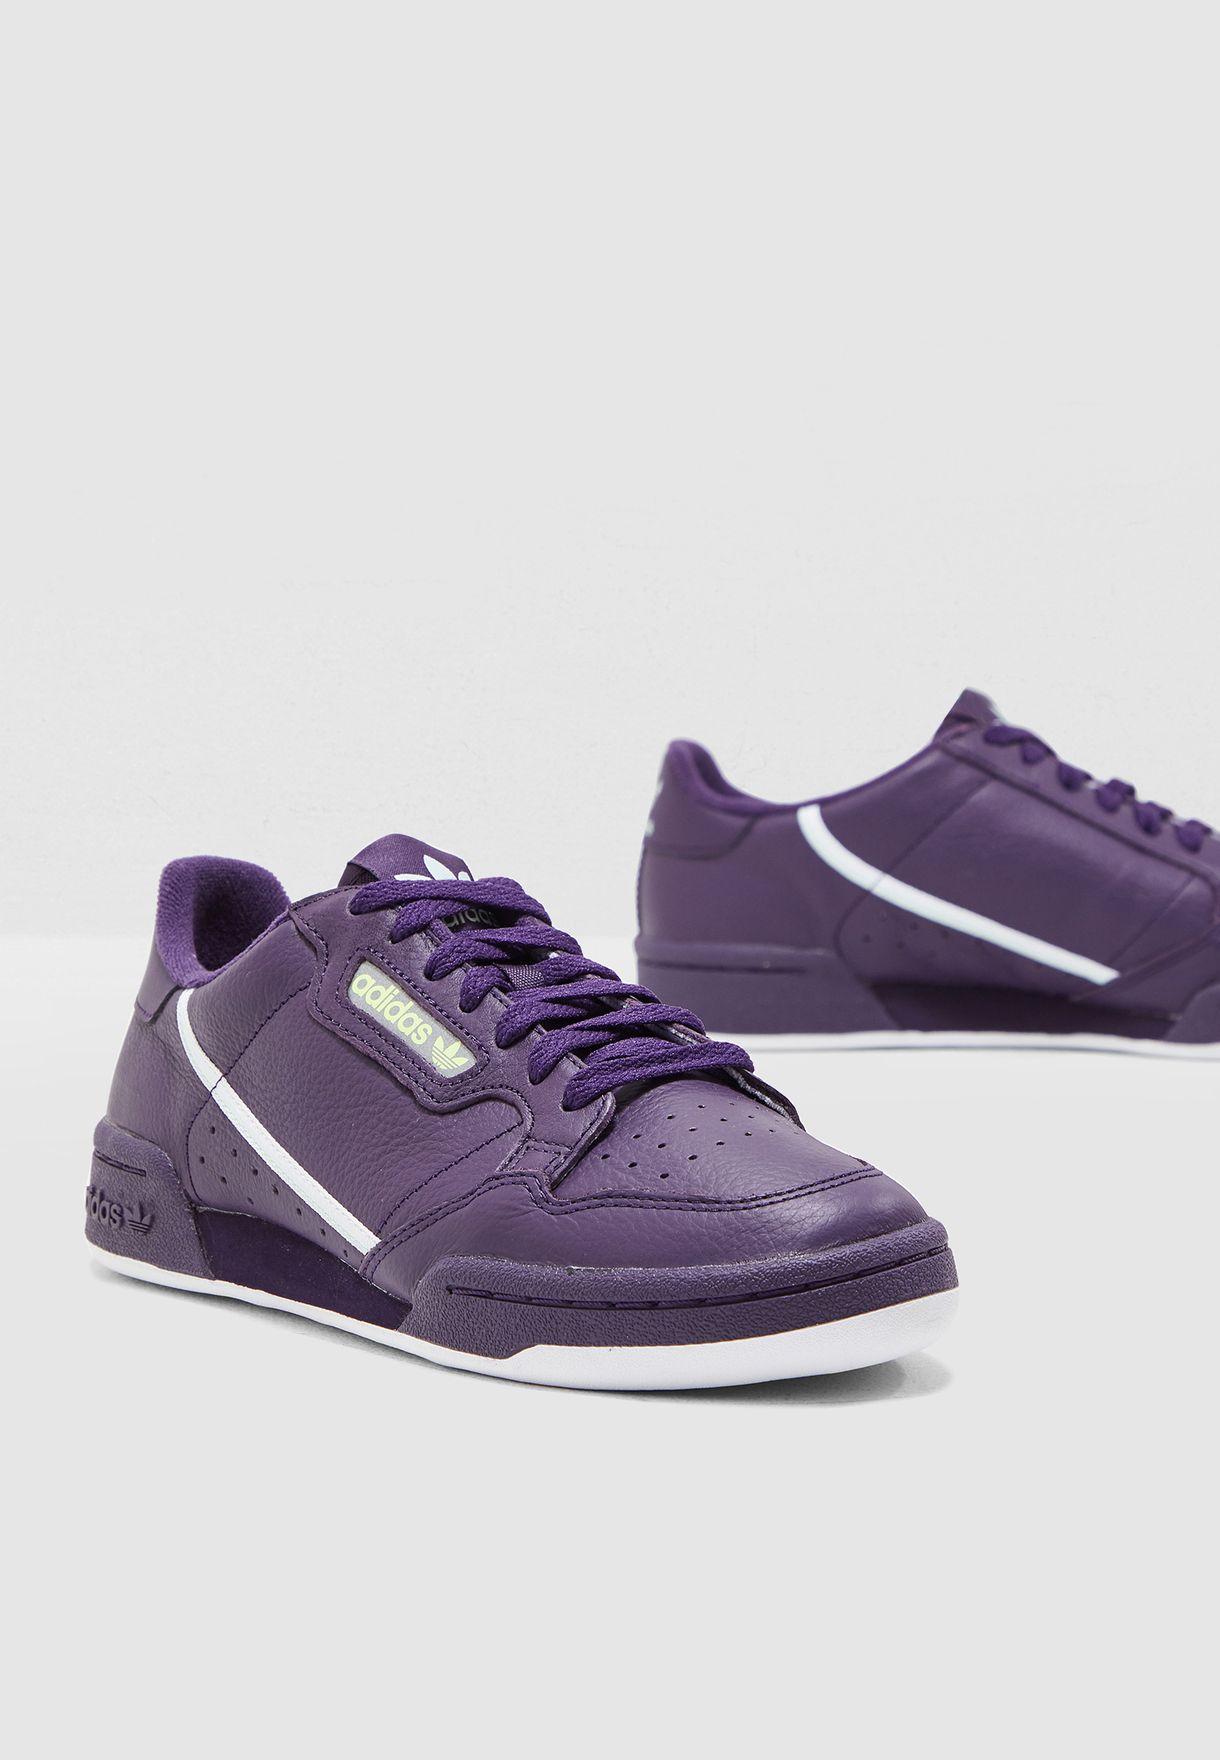 adidas original purple